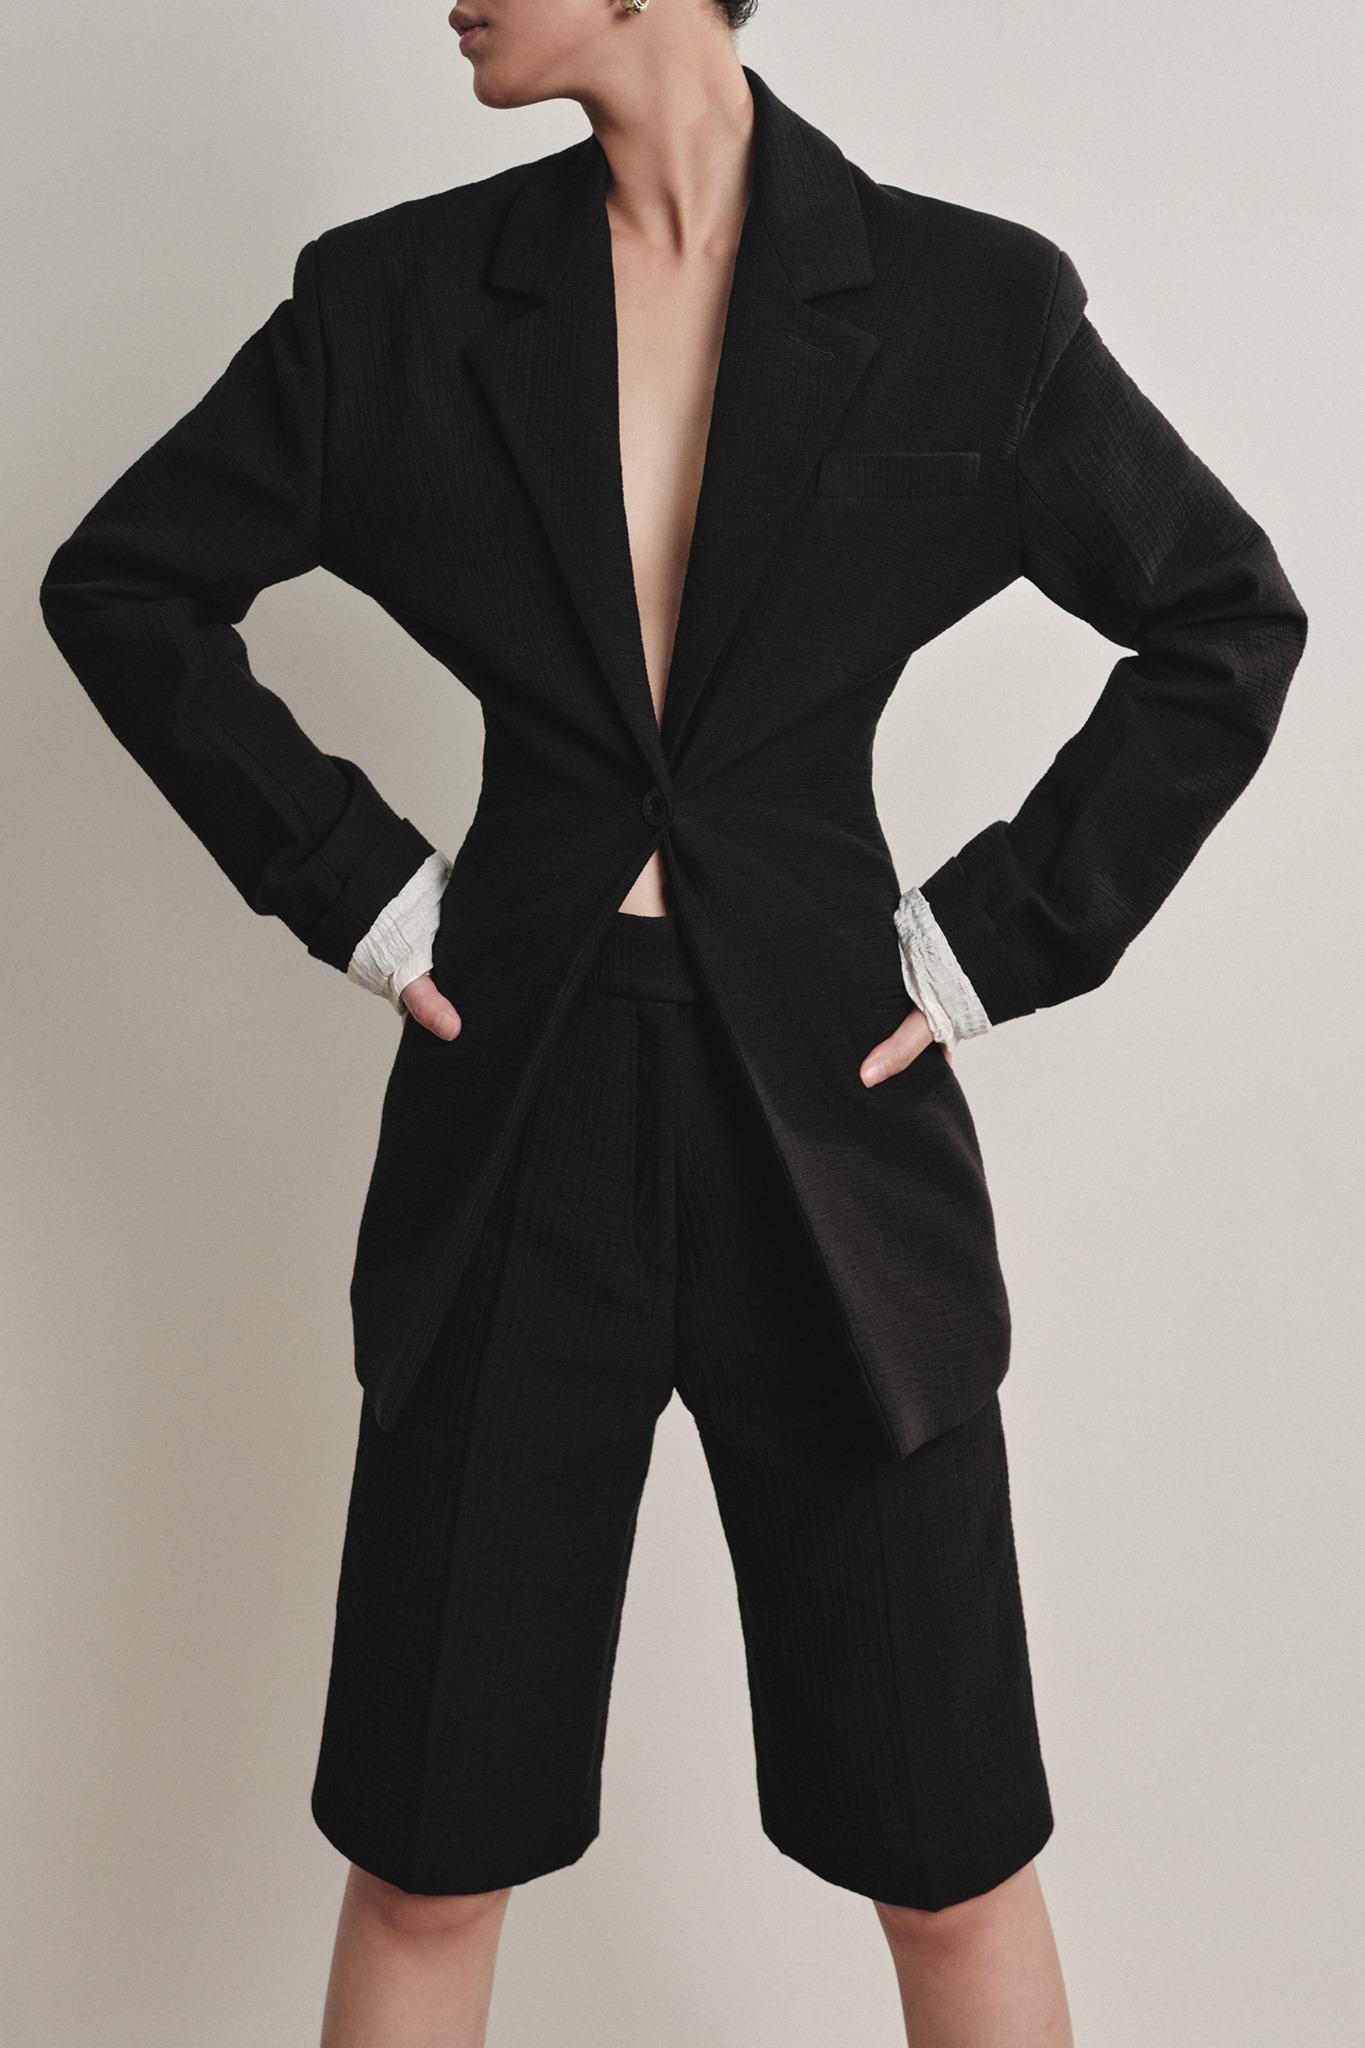 local brand việt nam short suit trong bst xuân hè 2020 của ntk lâm gia khang